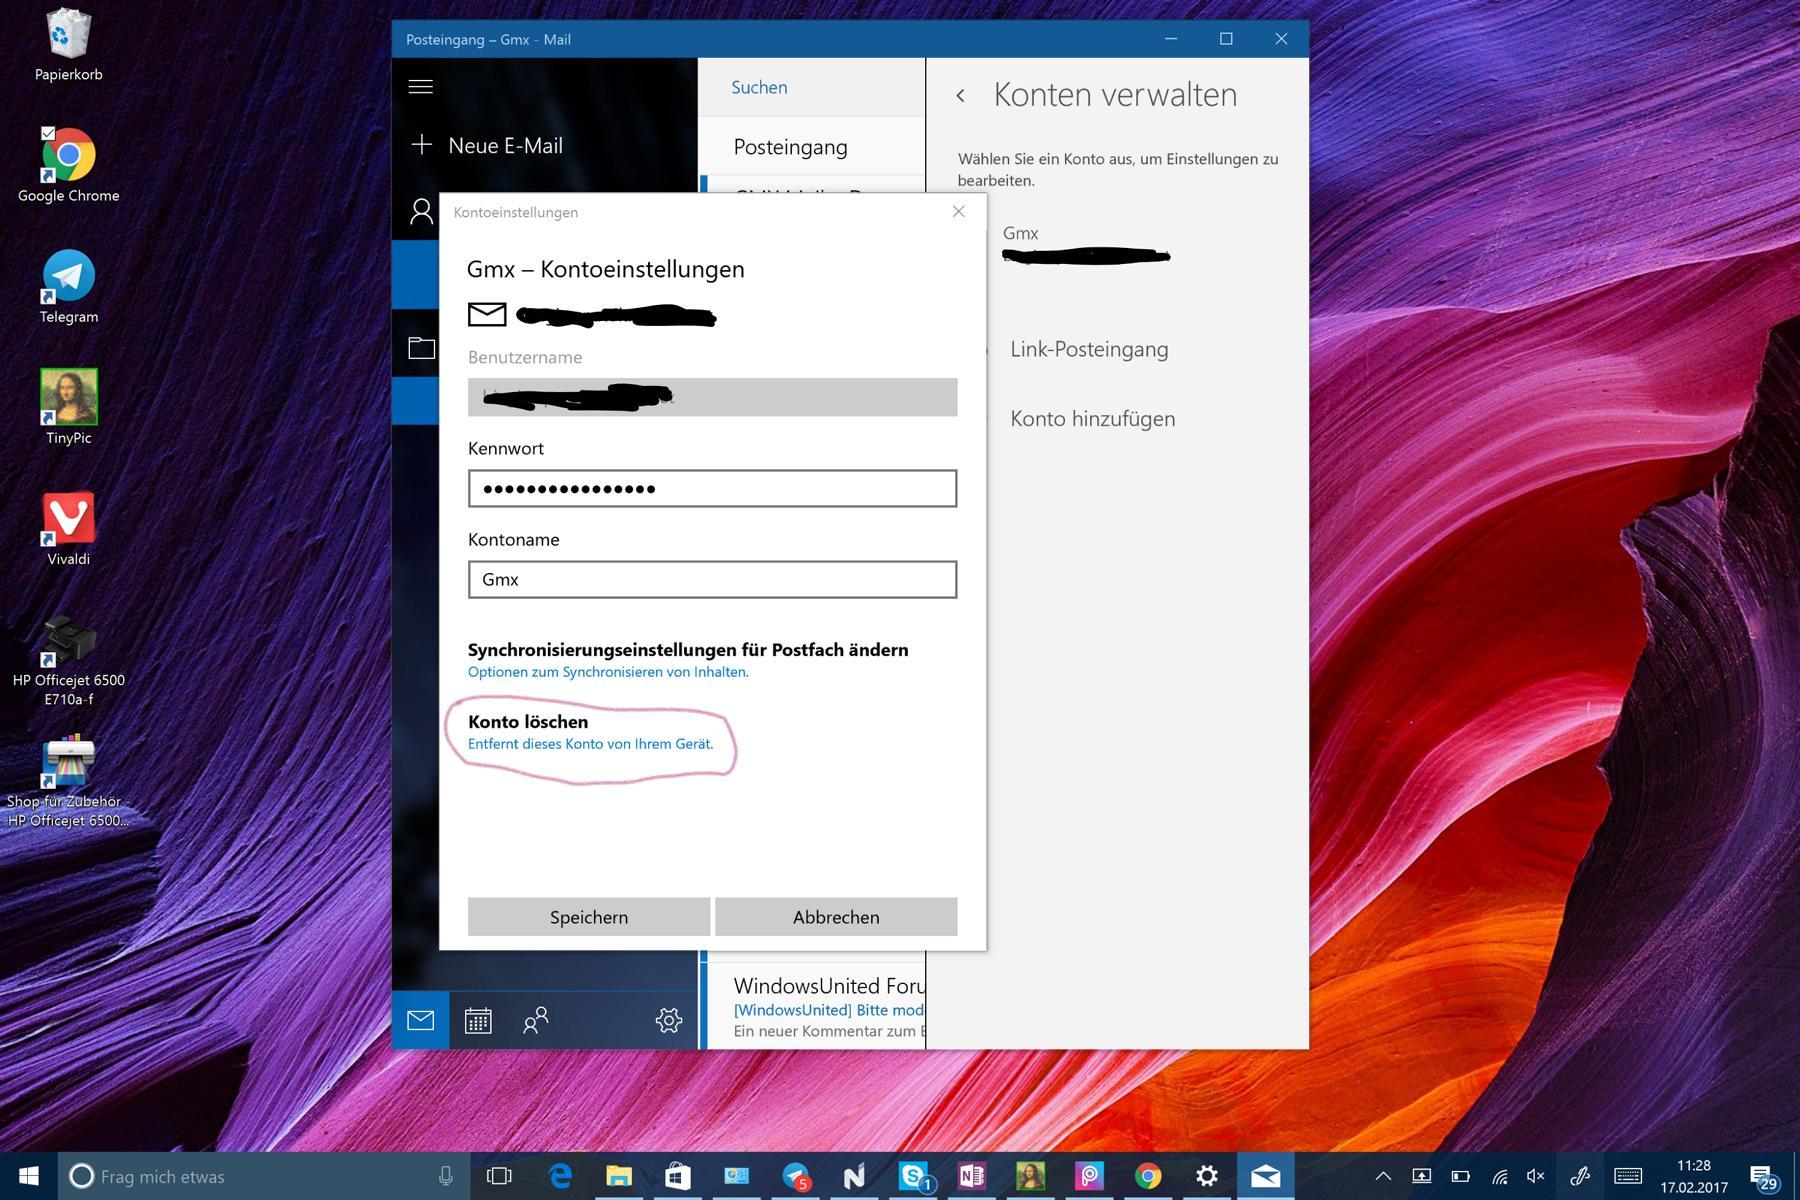 Outlook Mail konto löschen